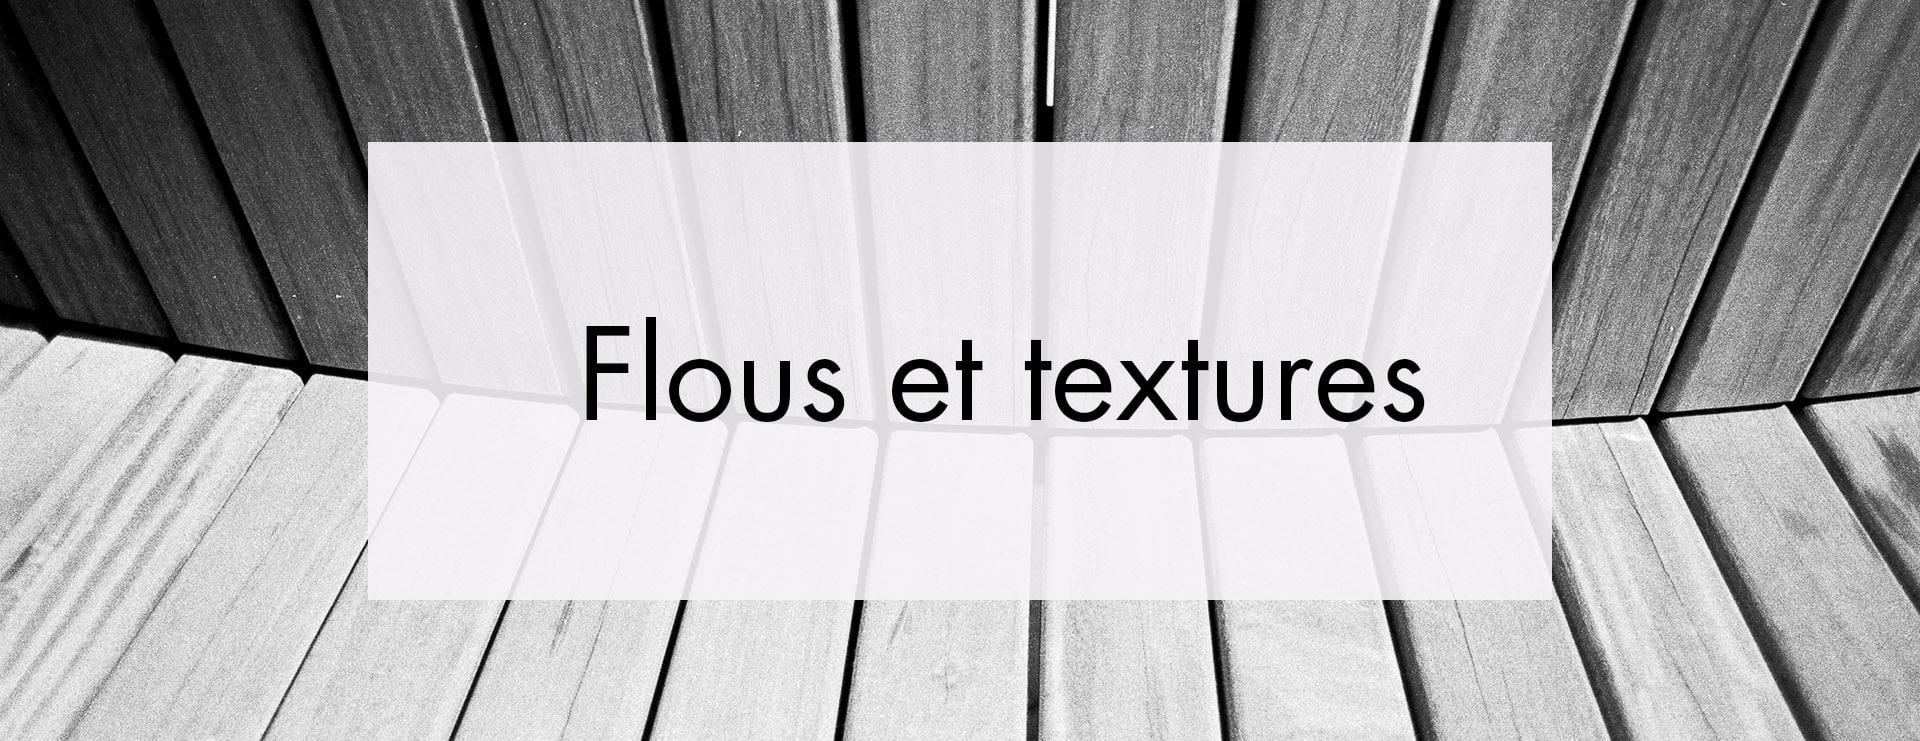 Textures et flous